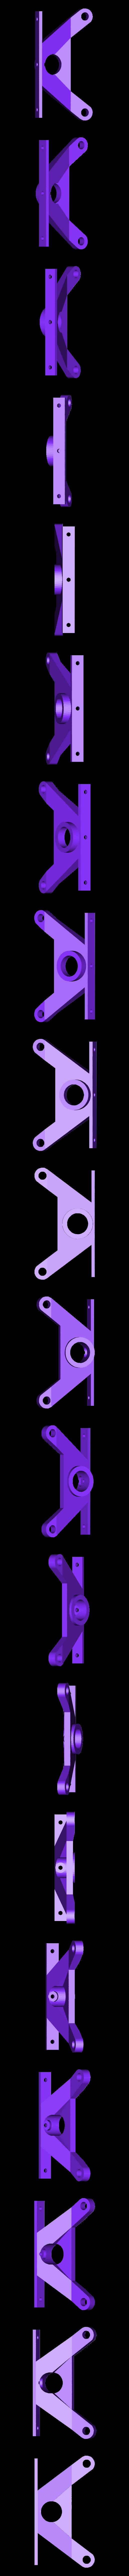 TopZAxis.stl Télécharger fichier STL gratuit CoreXY by Tila3d • Design imprimable en 3D, tila3d